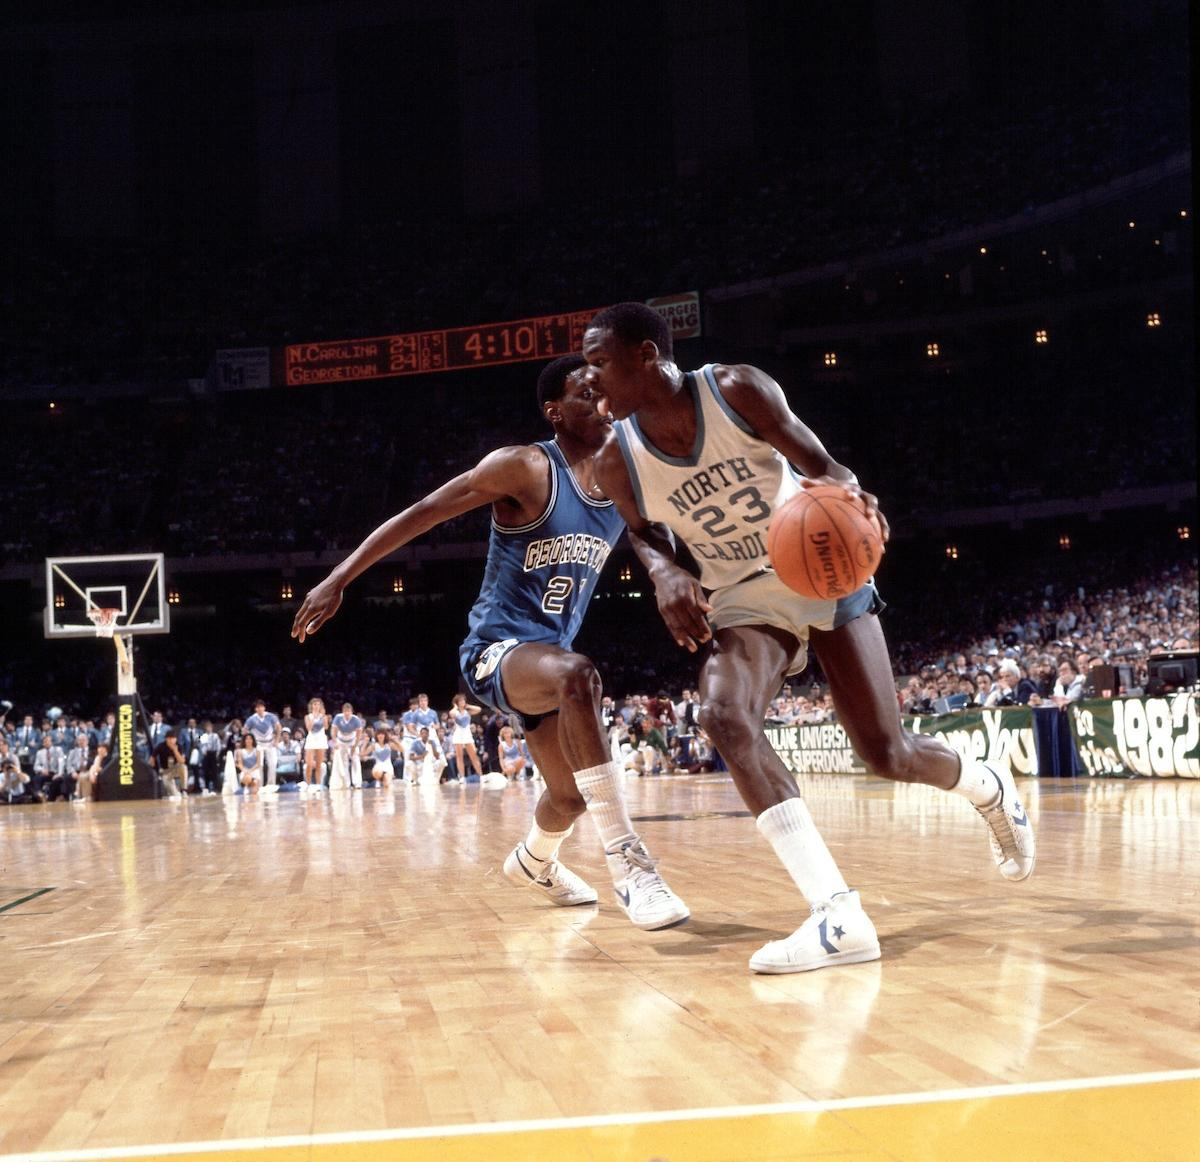 Michael Jordan in the 1982 Final Four.